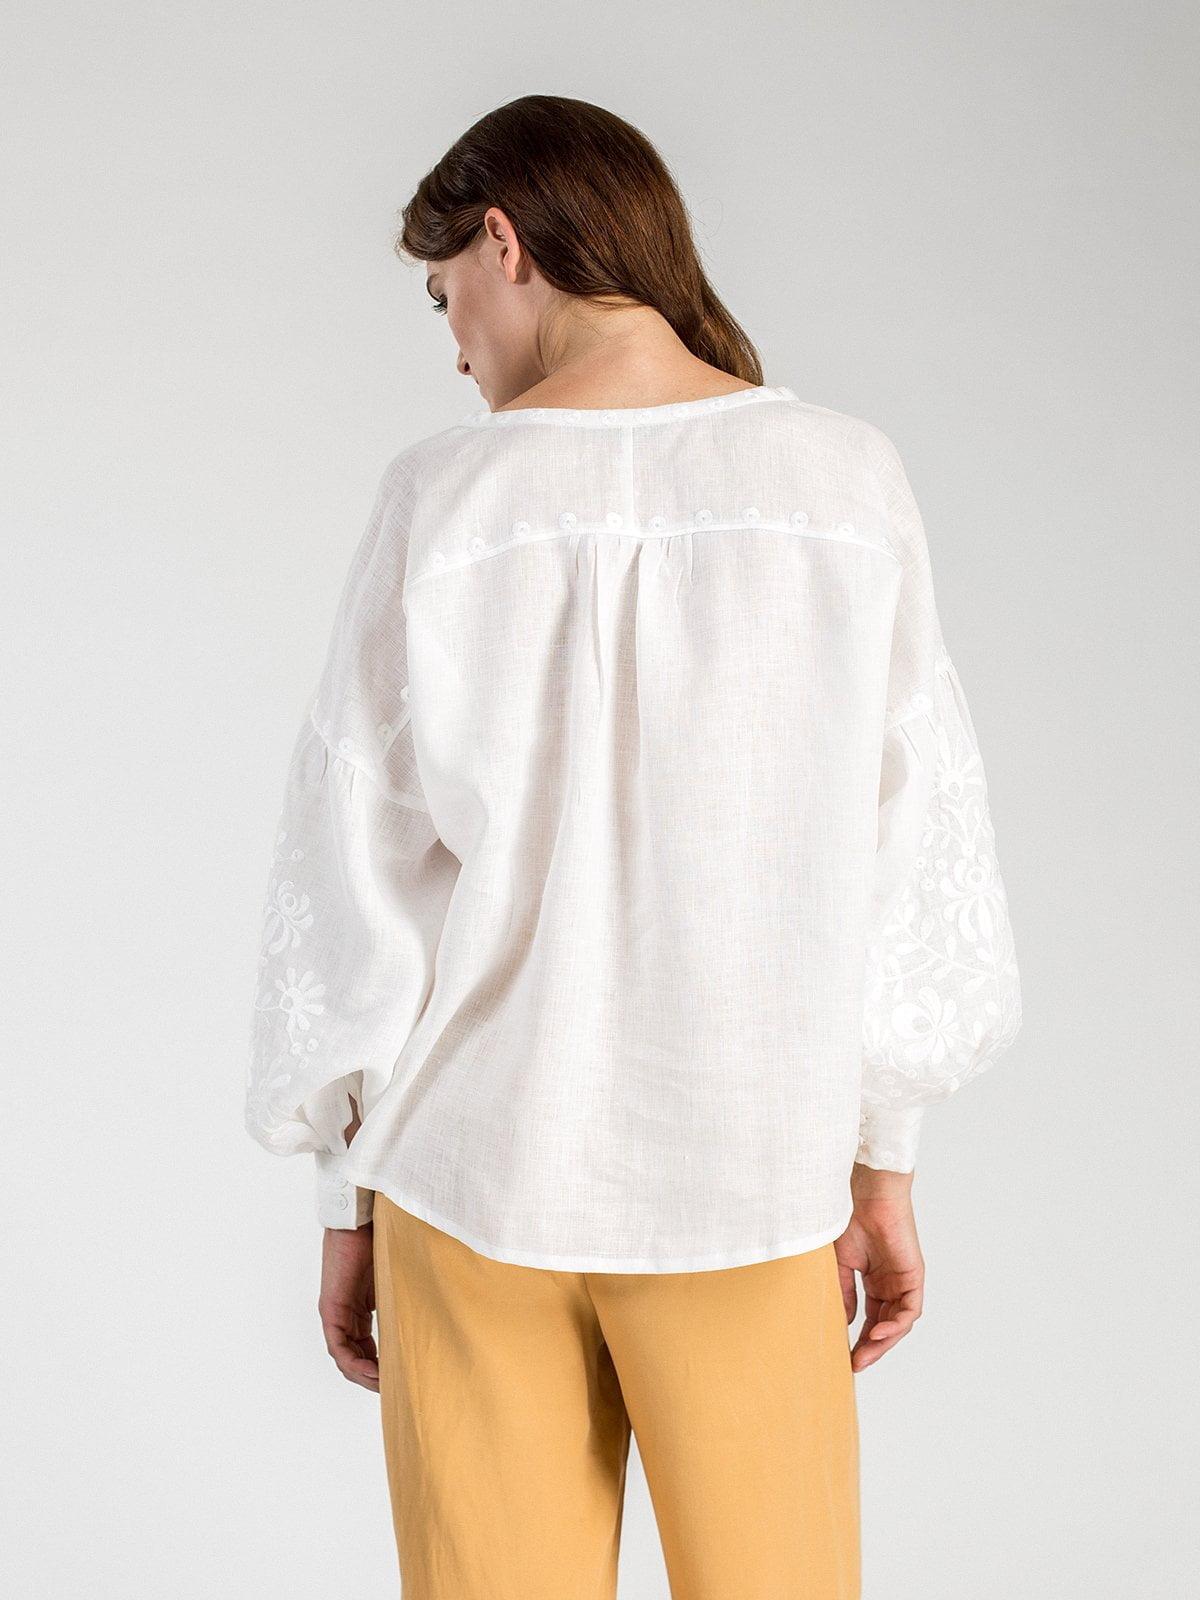 Жіноча вишиванка з пишними рукавами білого льону North Bird – купити ... 635b6d26d648c